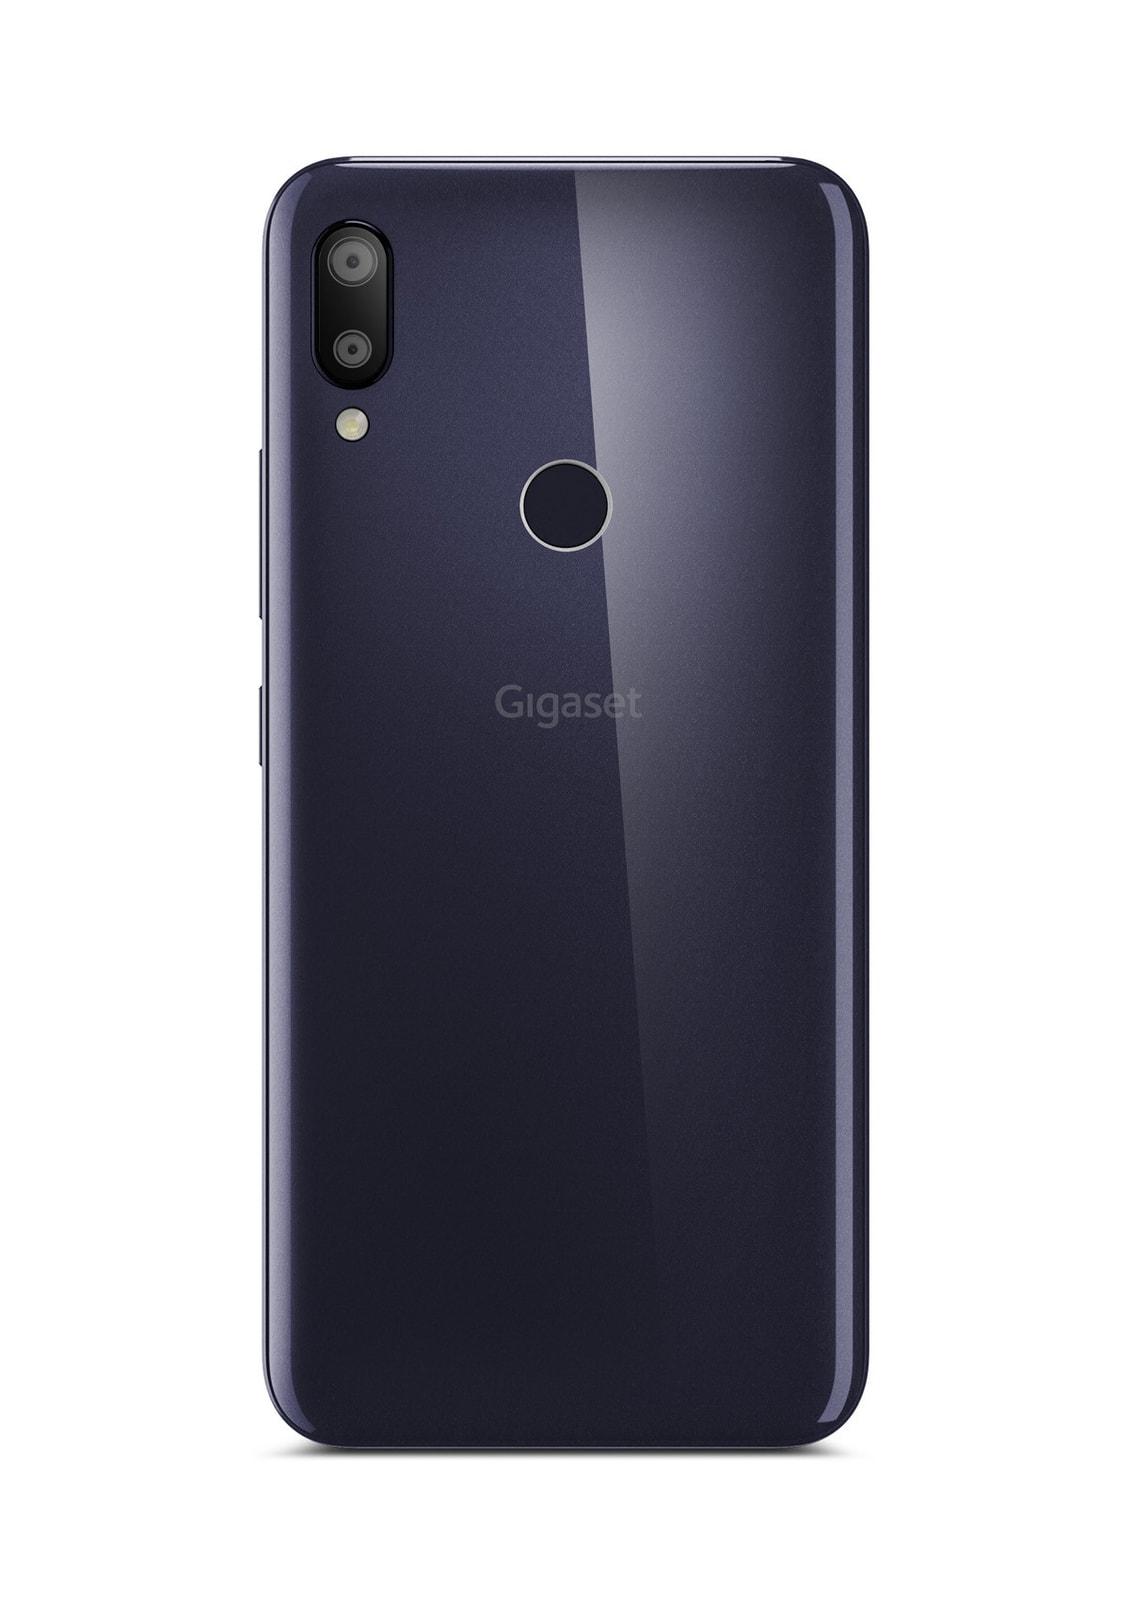 gigaset-GS190_back